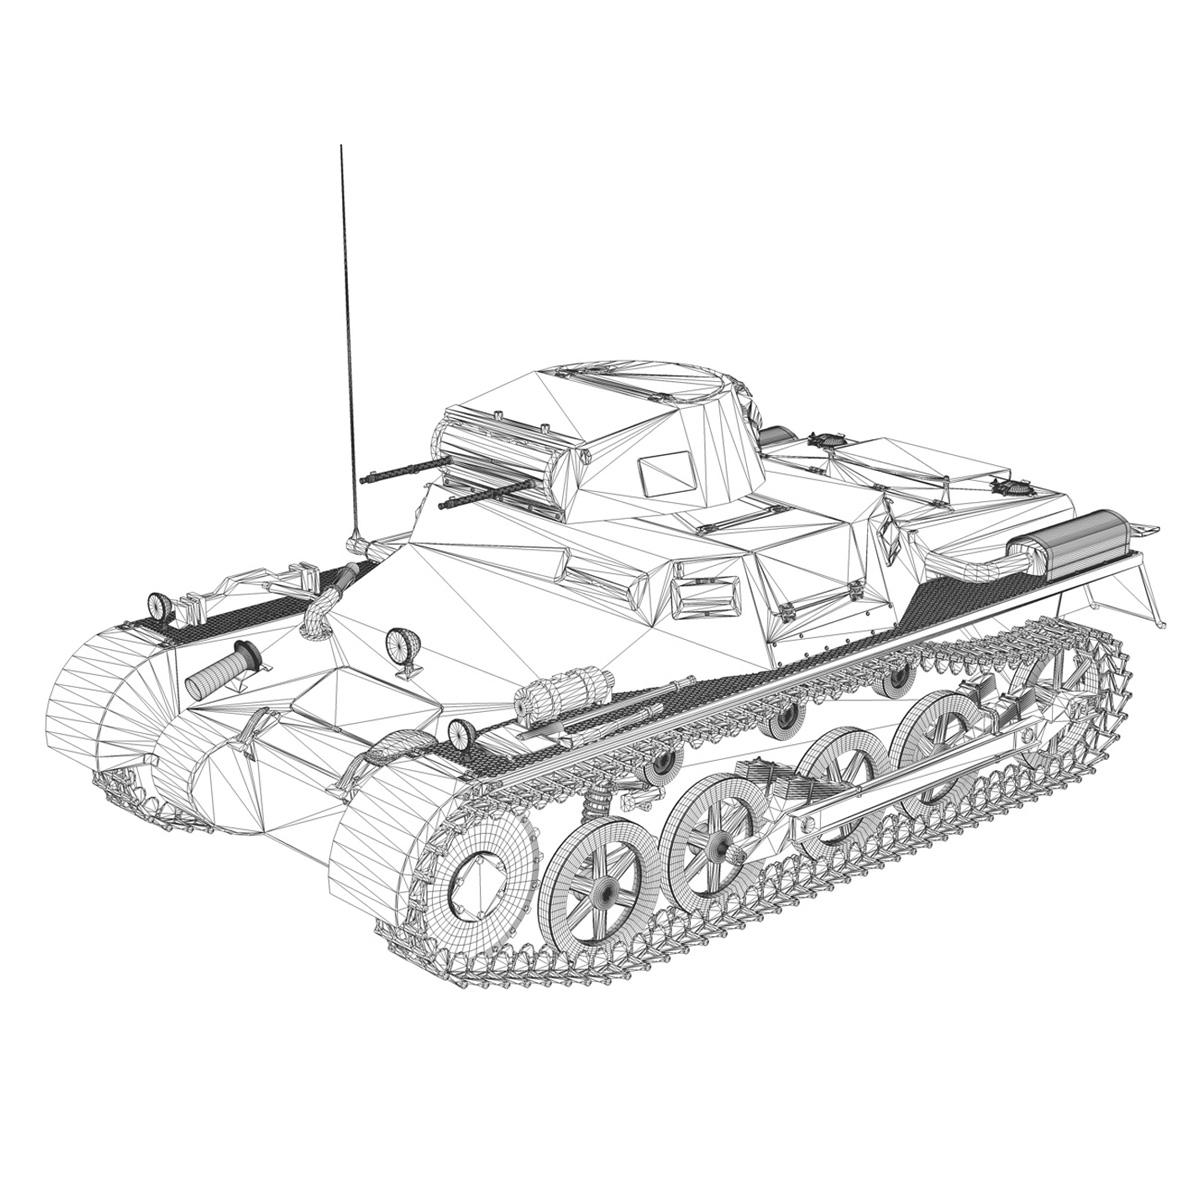 pzkpfw 1 – panzer 1 – ausf. a – 424 3d model 3ds fbx lwo lw lws obj c4d 266657